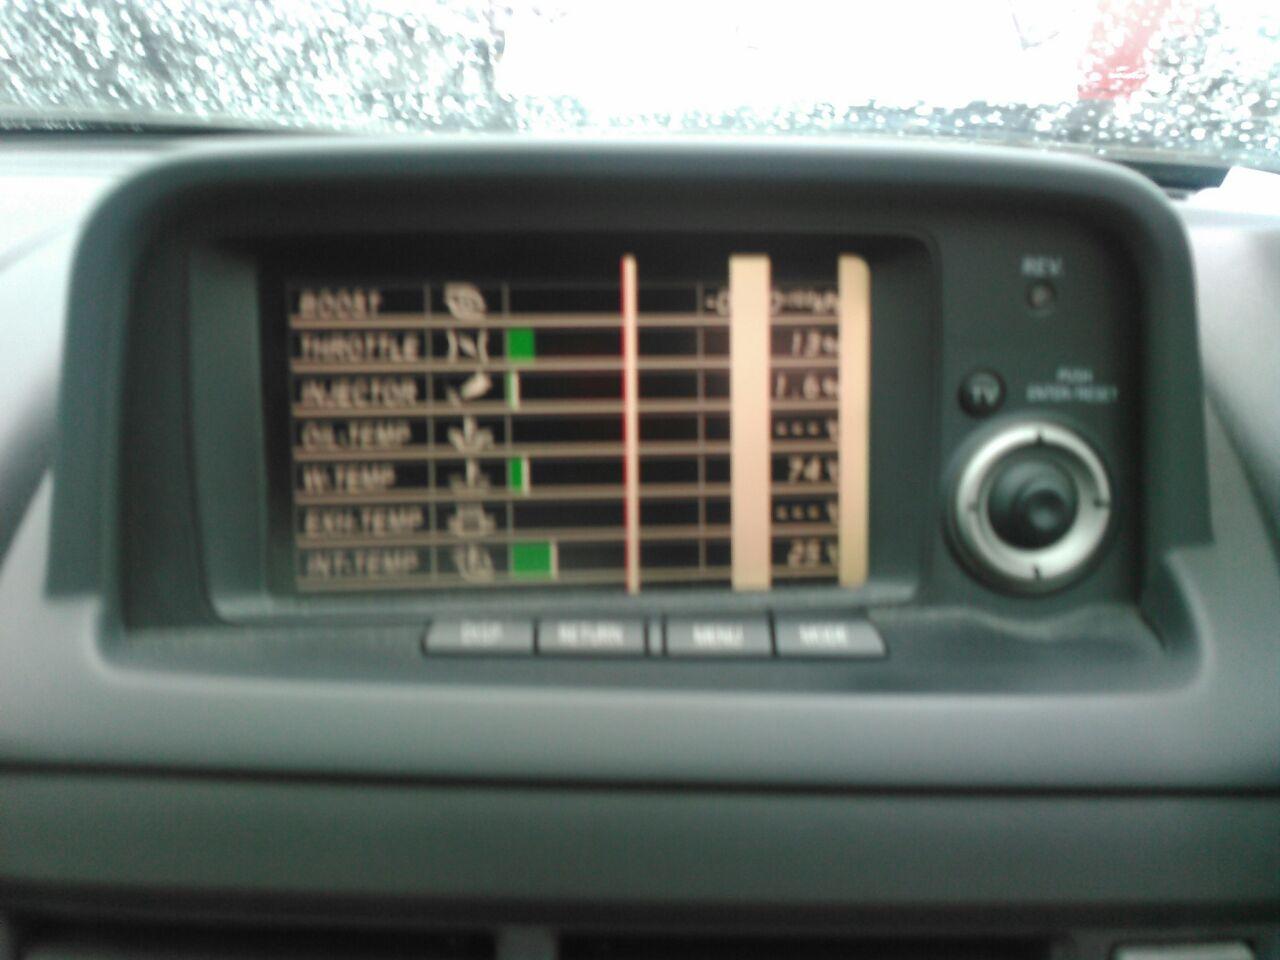 2001 Nissan Skyline R34 GTR VSpec2 tv screen